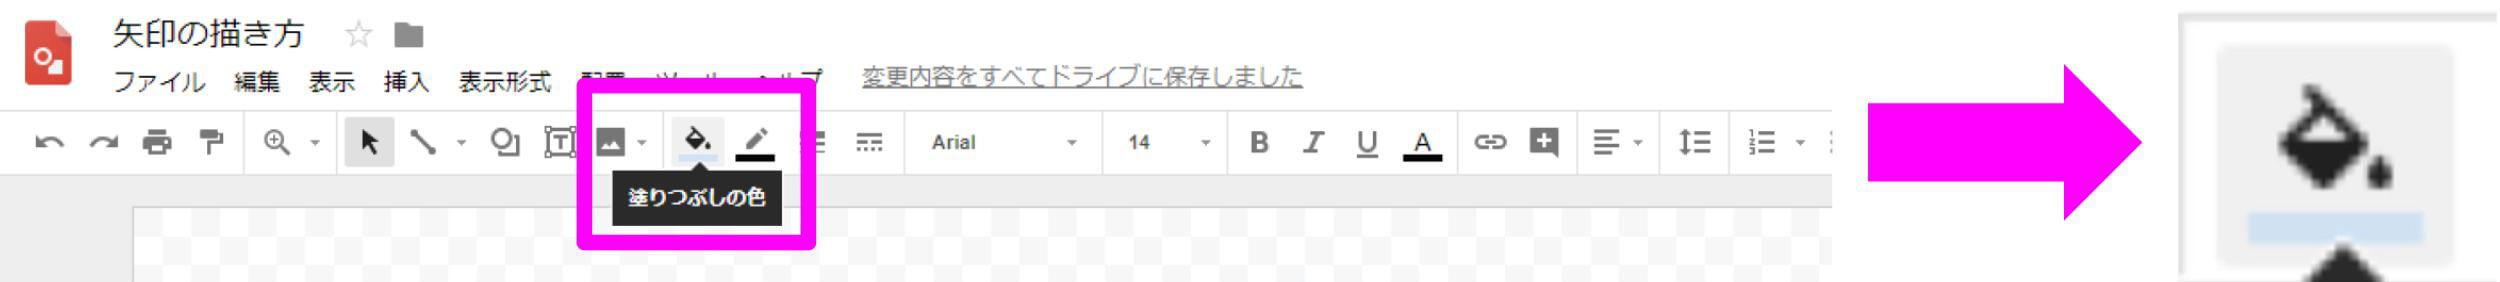 Google図形描画 ツールバー 塗りつぶしの色